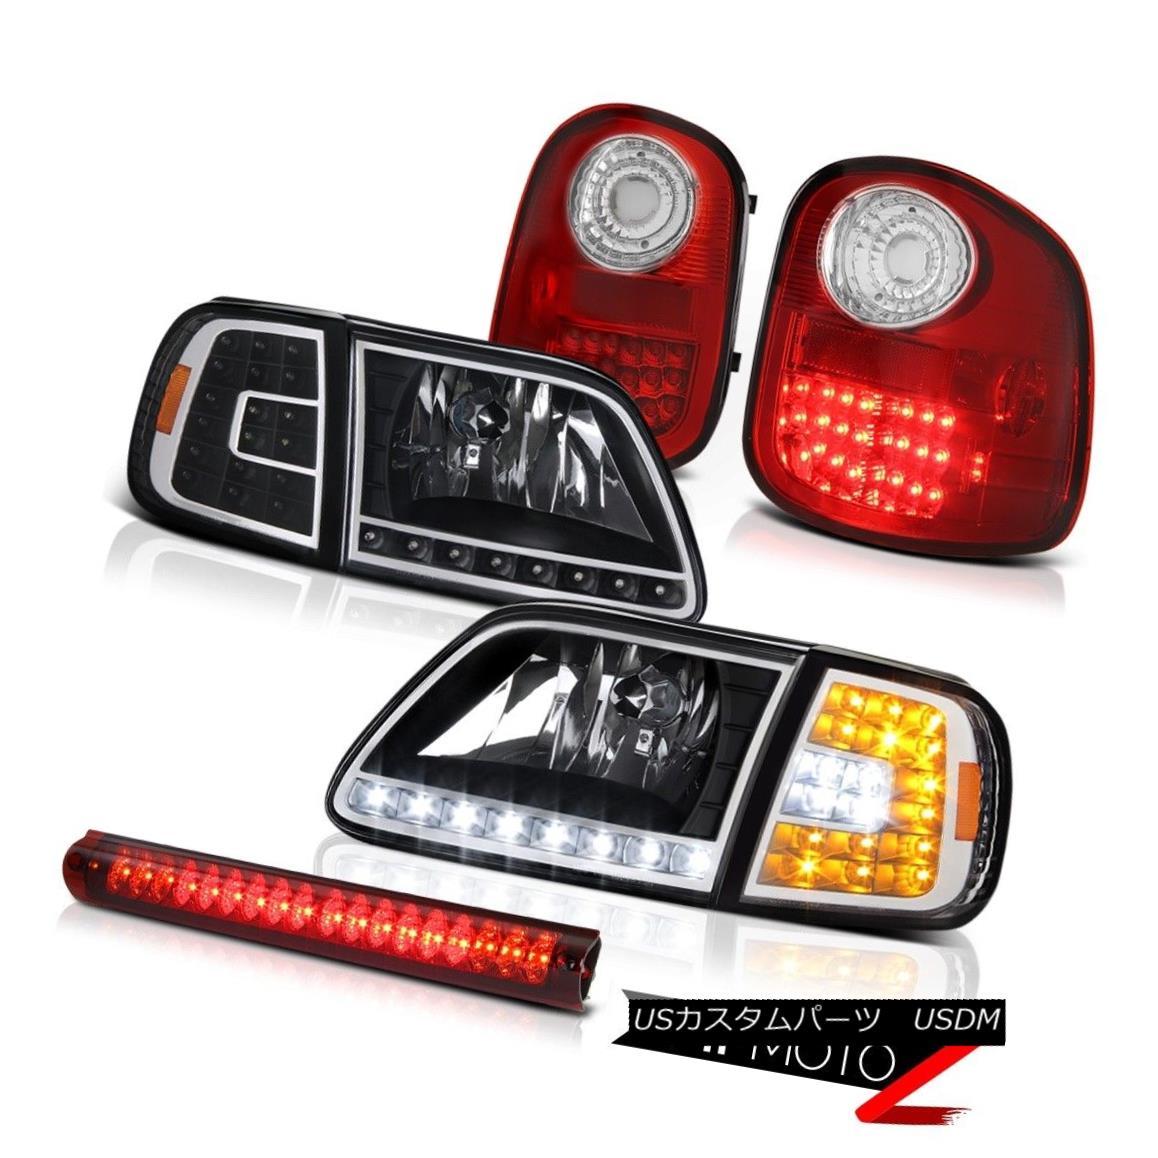 テールライト DRL Headlights Lamp Rosso Red LED Tail Lights 3rd 97-03 F150 Flareside Lightning DRLヘッドライトランプロッソレッドテールライト3rd 97-03 F150 Flareside Lightning